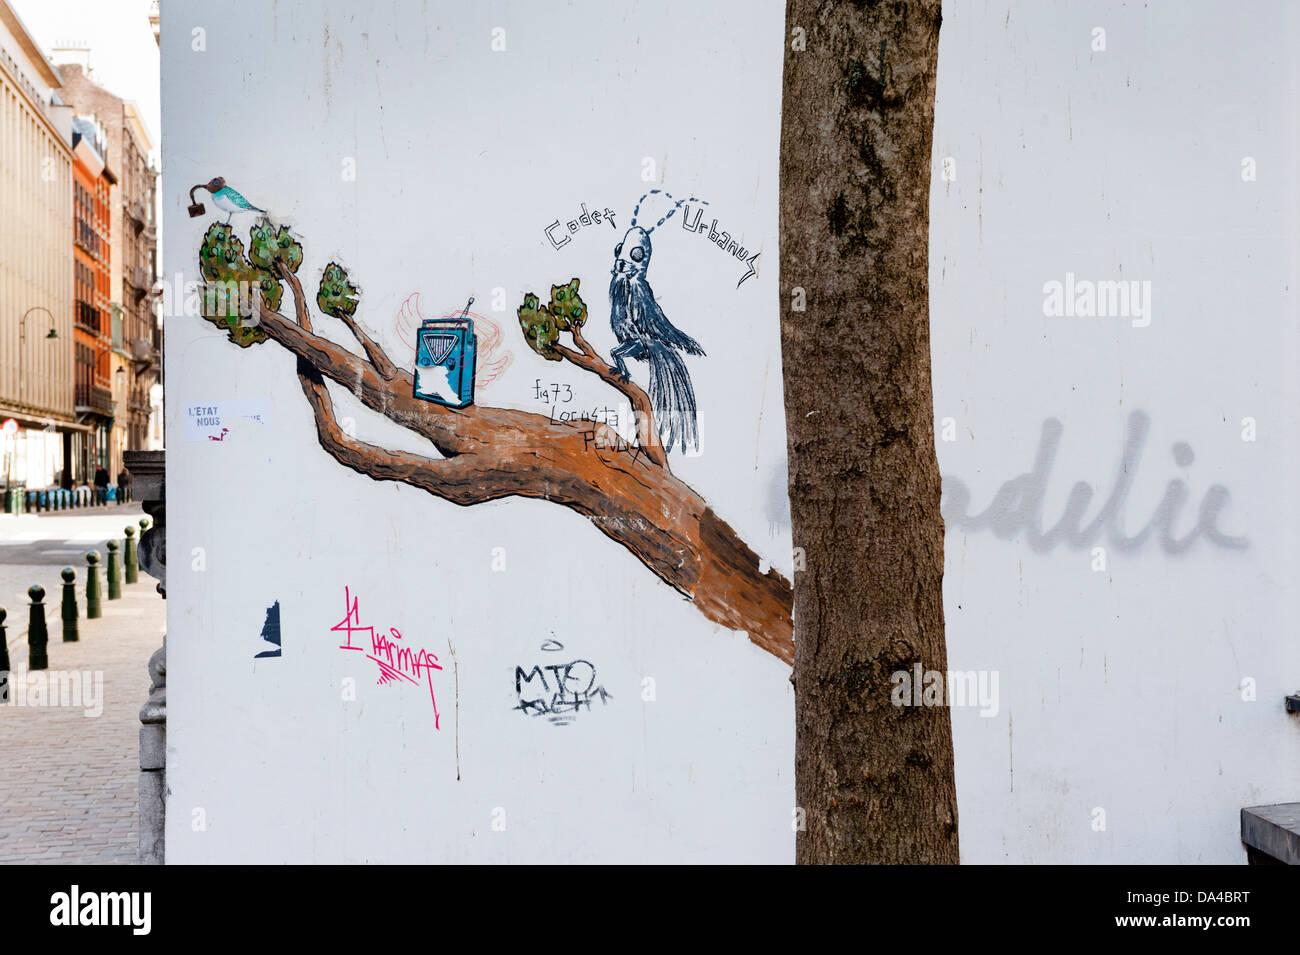 Trompe l'oeil el arte en la calle Bruselas. Pintado de rama de árbol en el edificio junto al árbol. Imagen De Stock